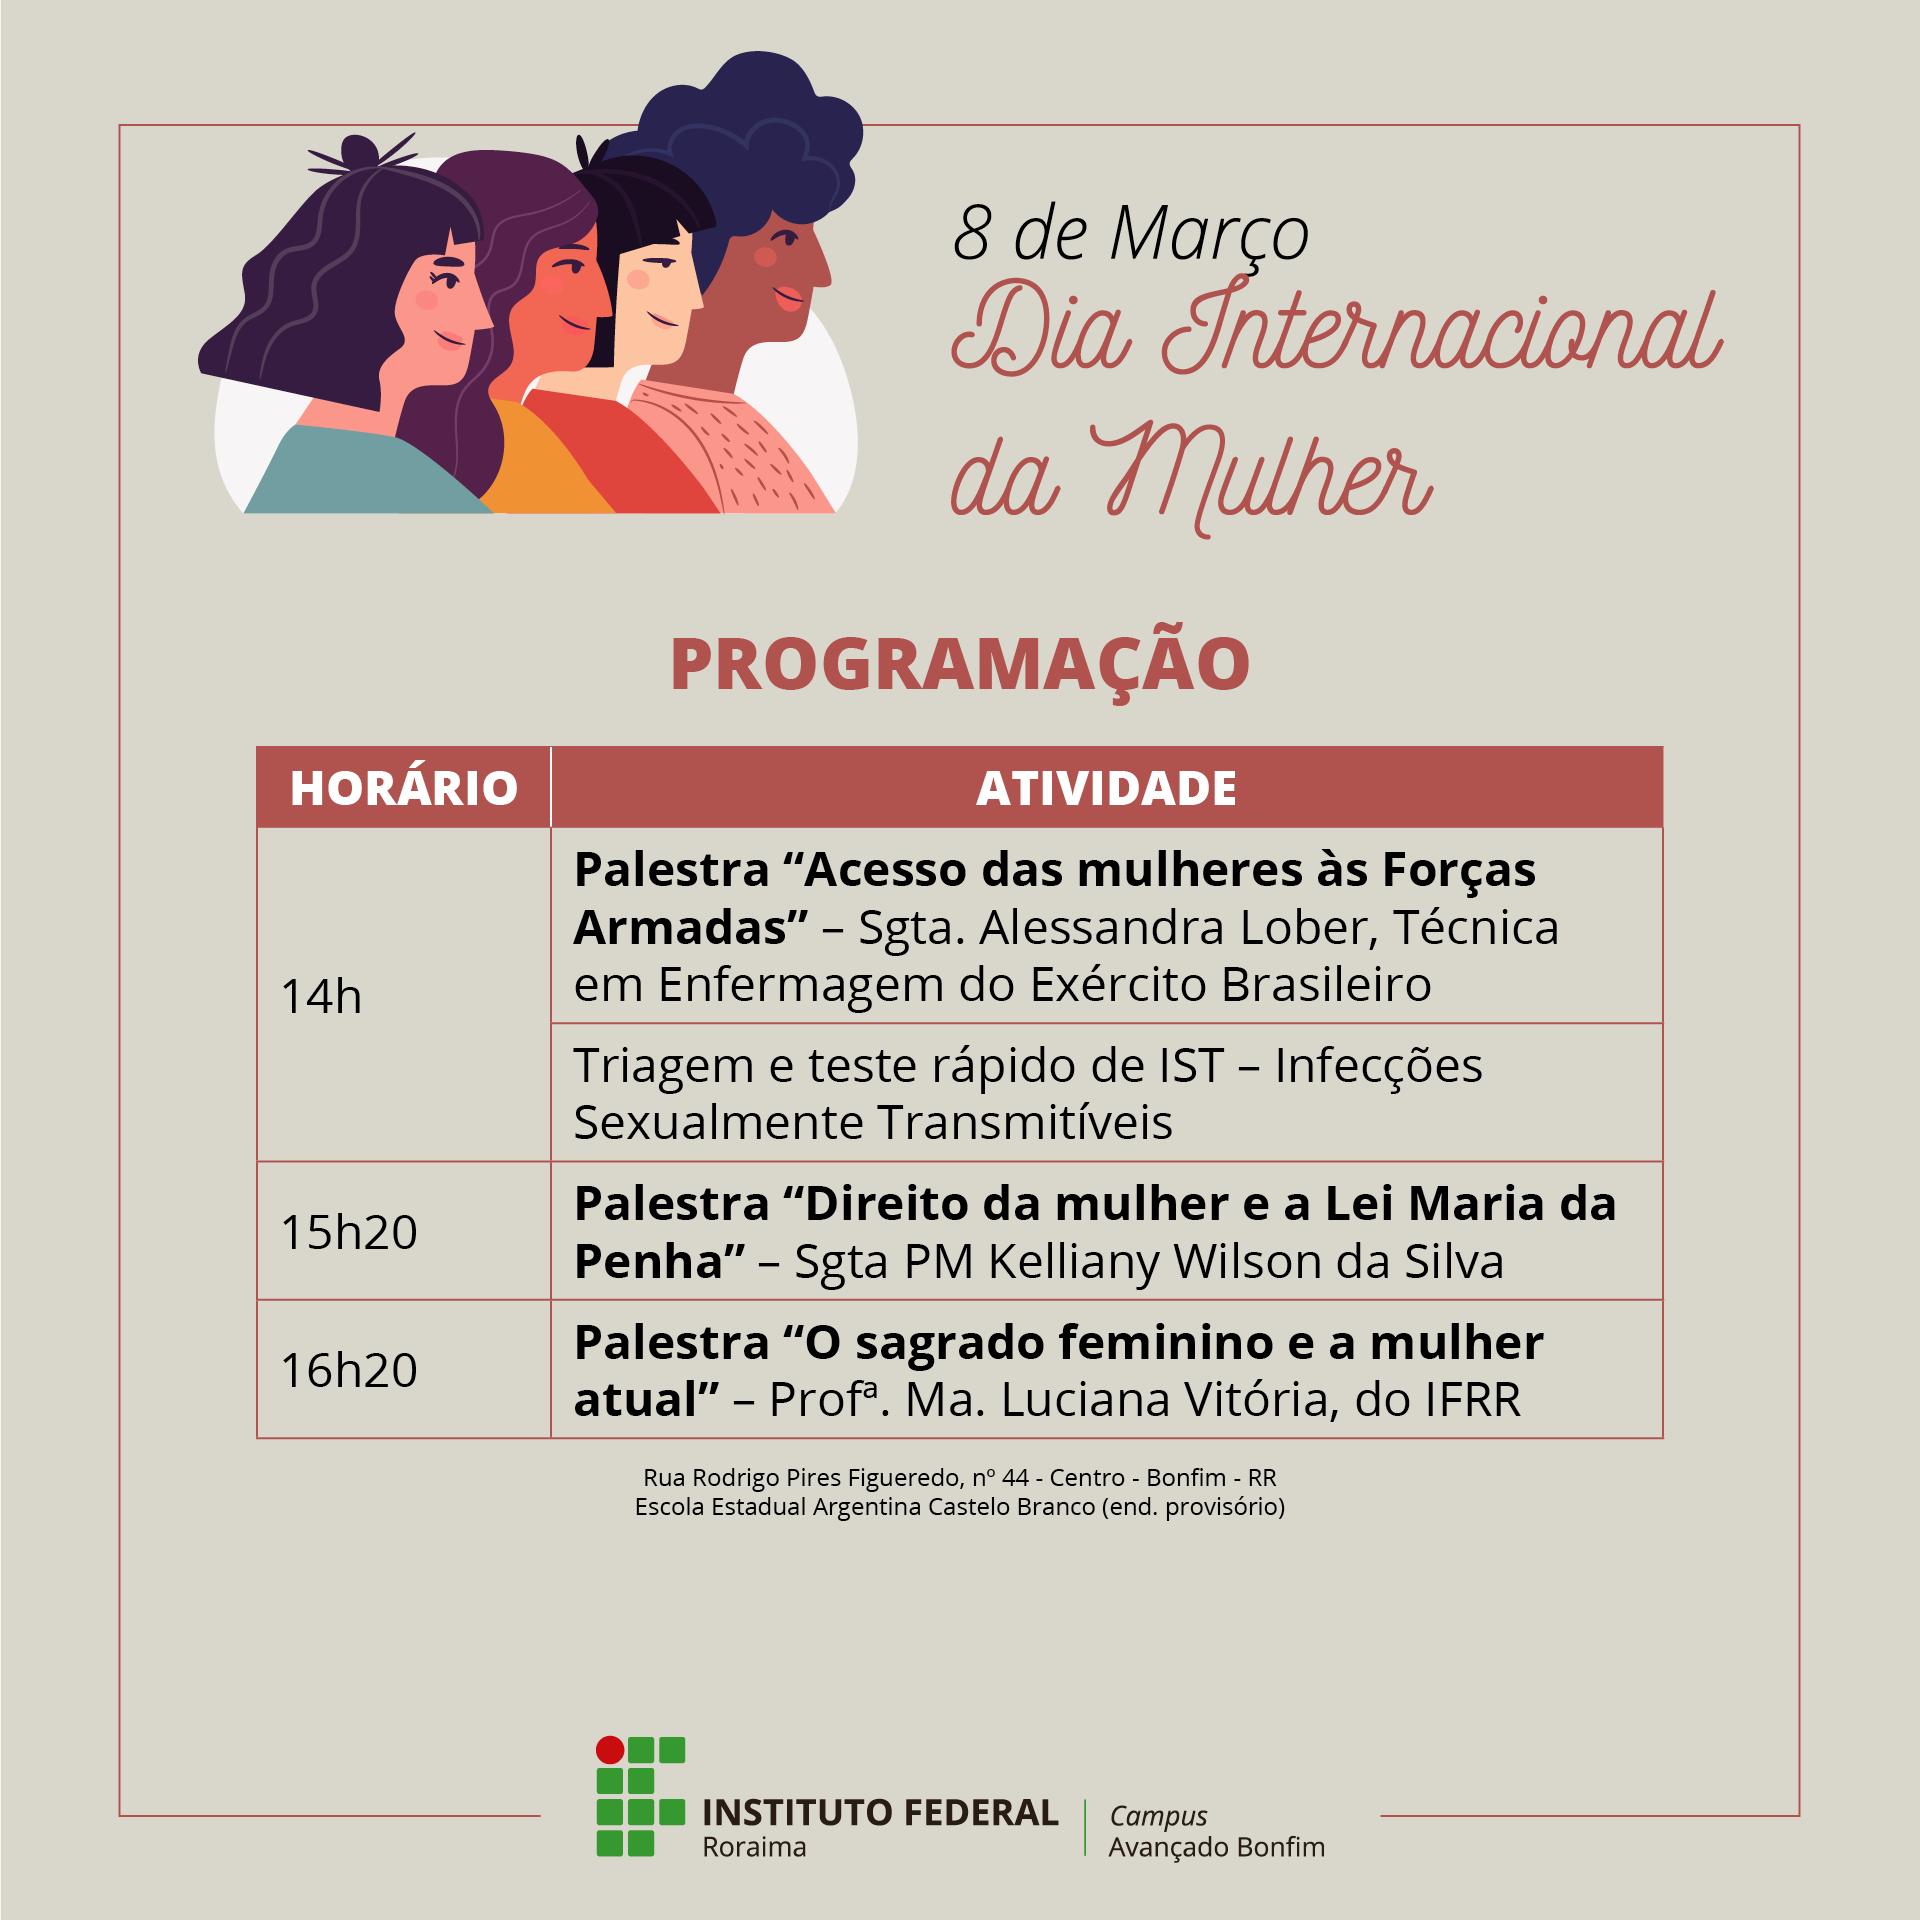 DIA INTERNACIONAL DA MULHER – Campus Avançado Bonfim celebra a data por meio de palestras e testes rápidos de IST